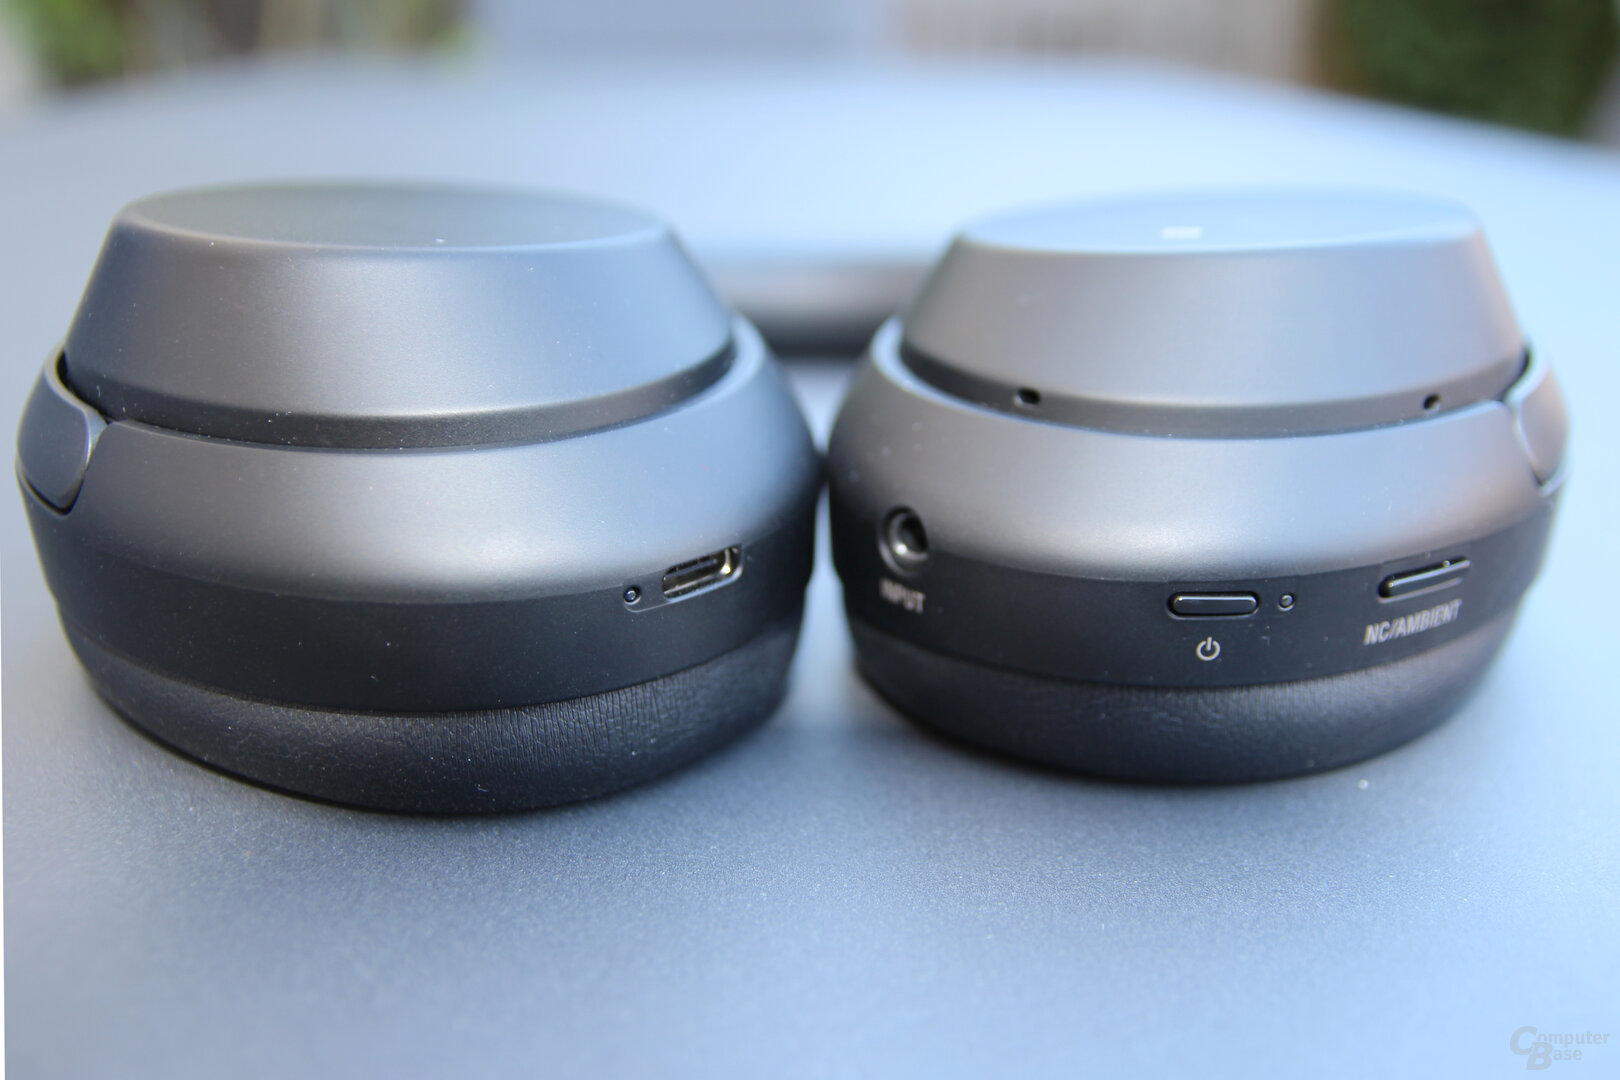 Sony WH-1000XM3